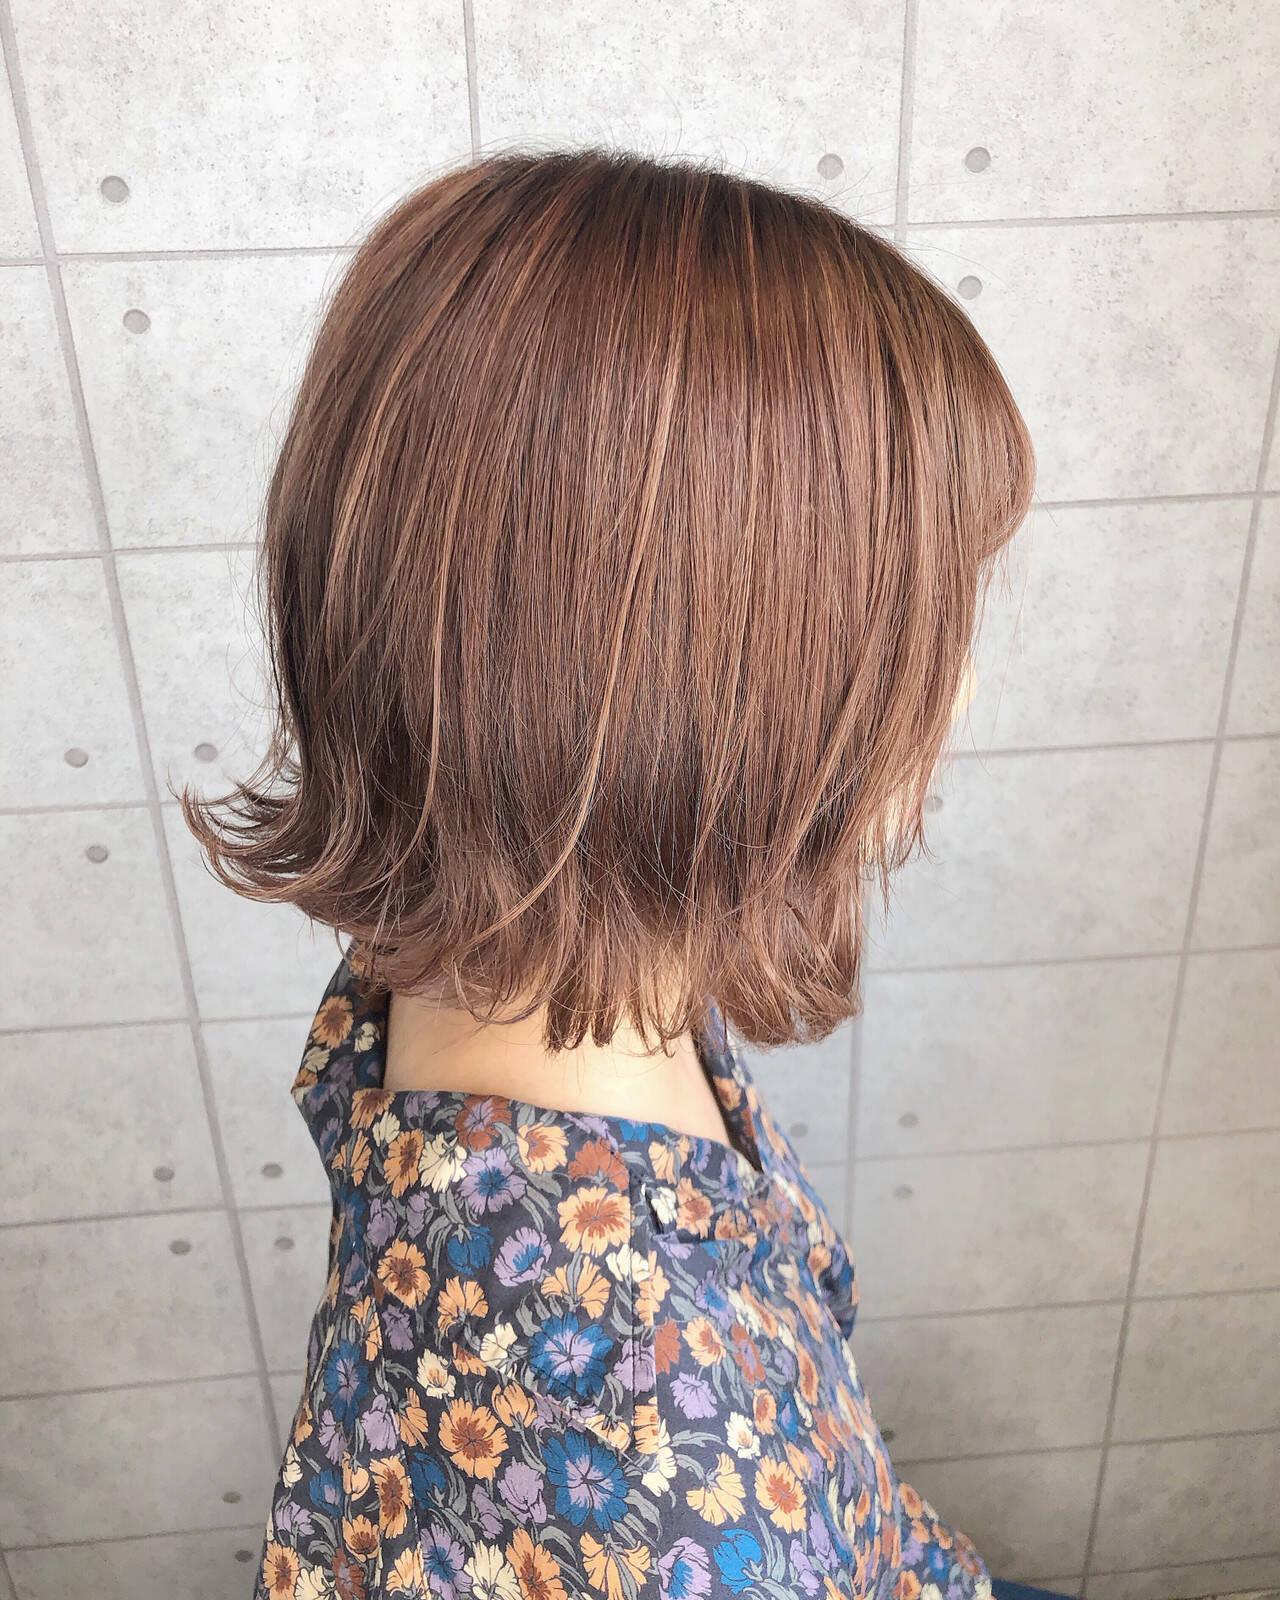 極細ハイライト イルミナカラー オレンジカラー ガーリーヘアスタイルや髪型の写真・画像